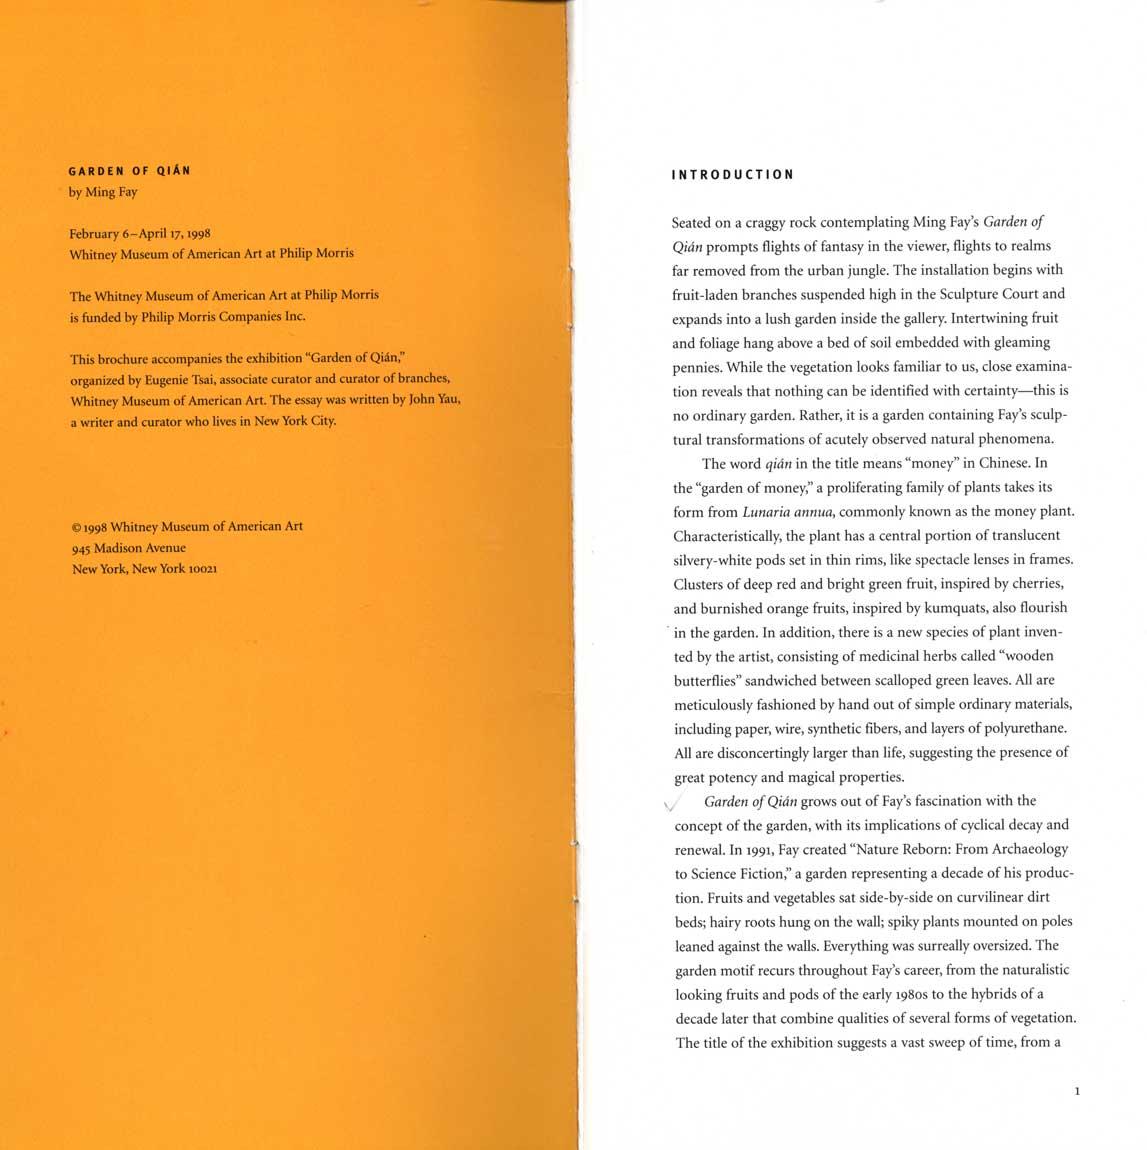 Garden of Qian, brochure, pg 2